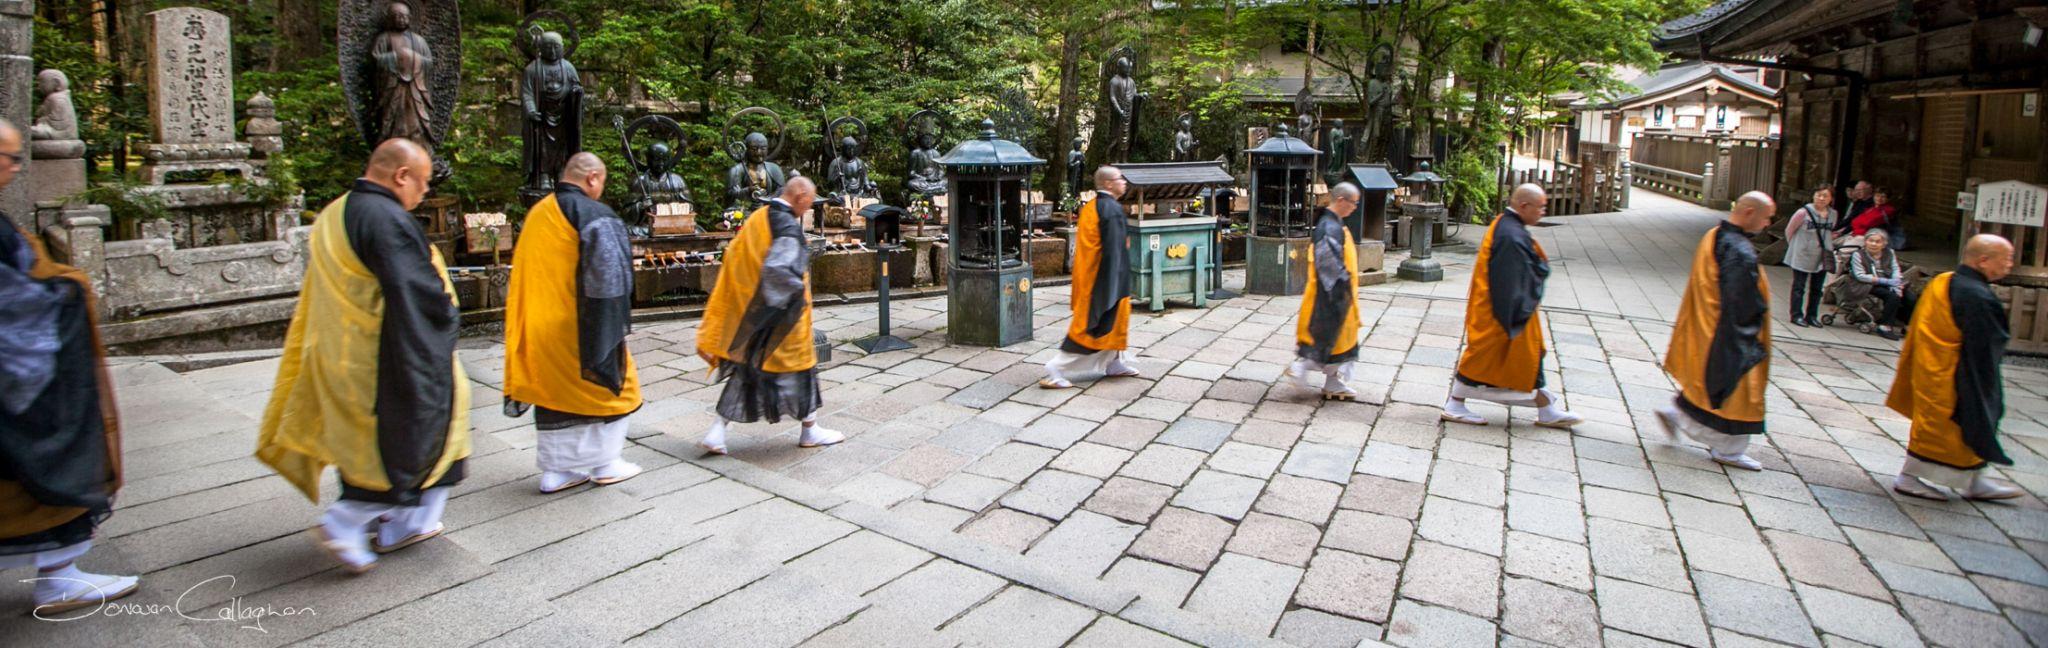 Koyasan Monks leaving after prayer, Japan